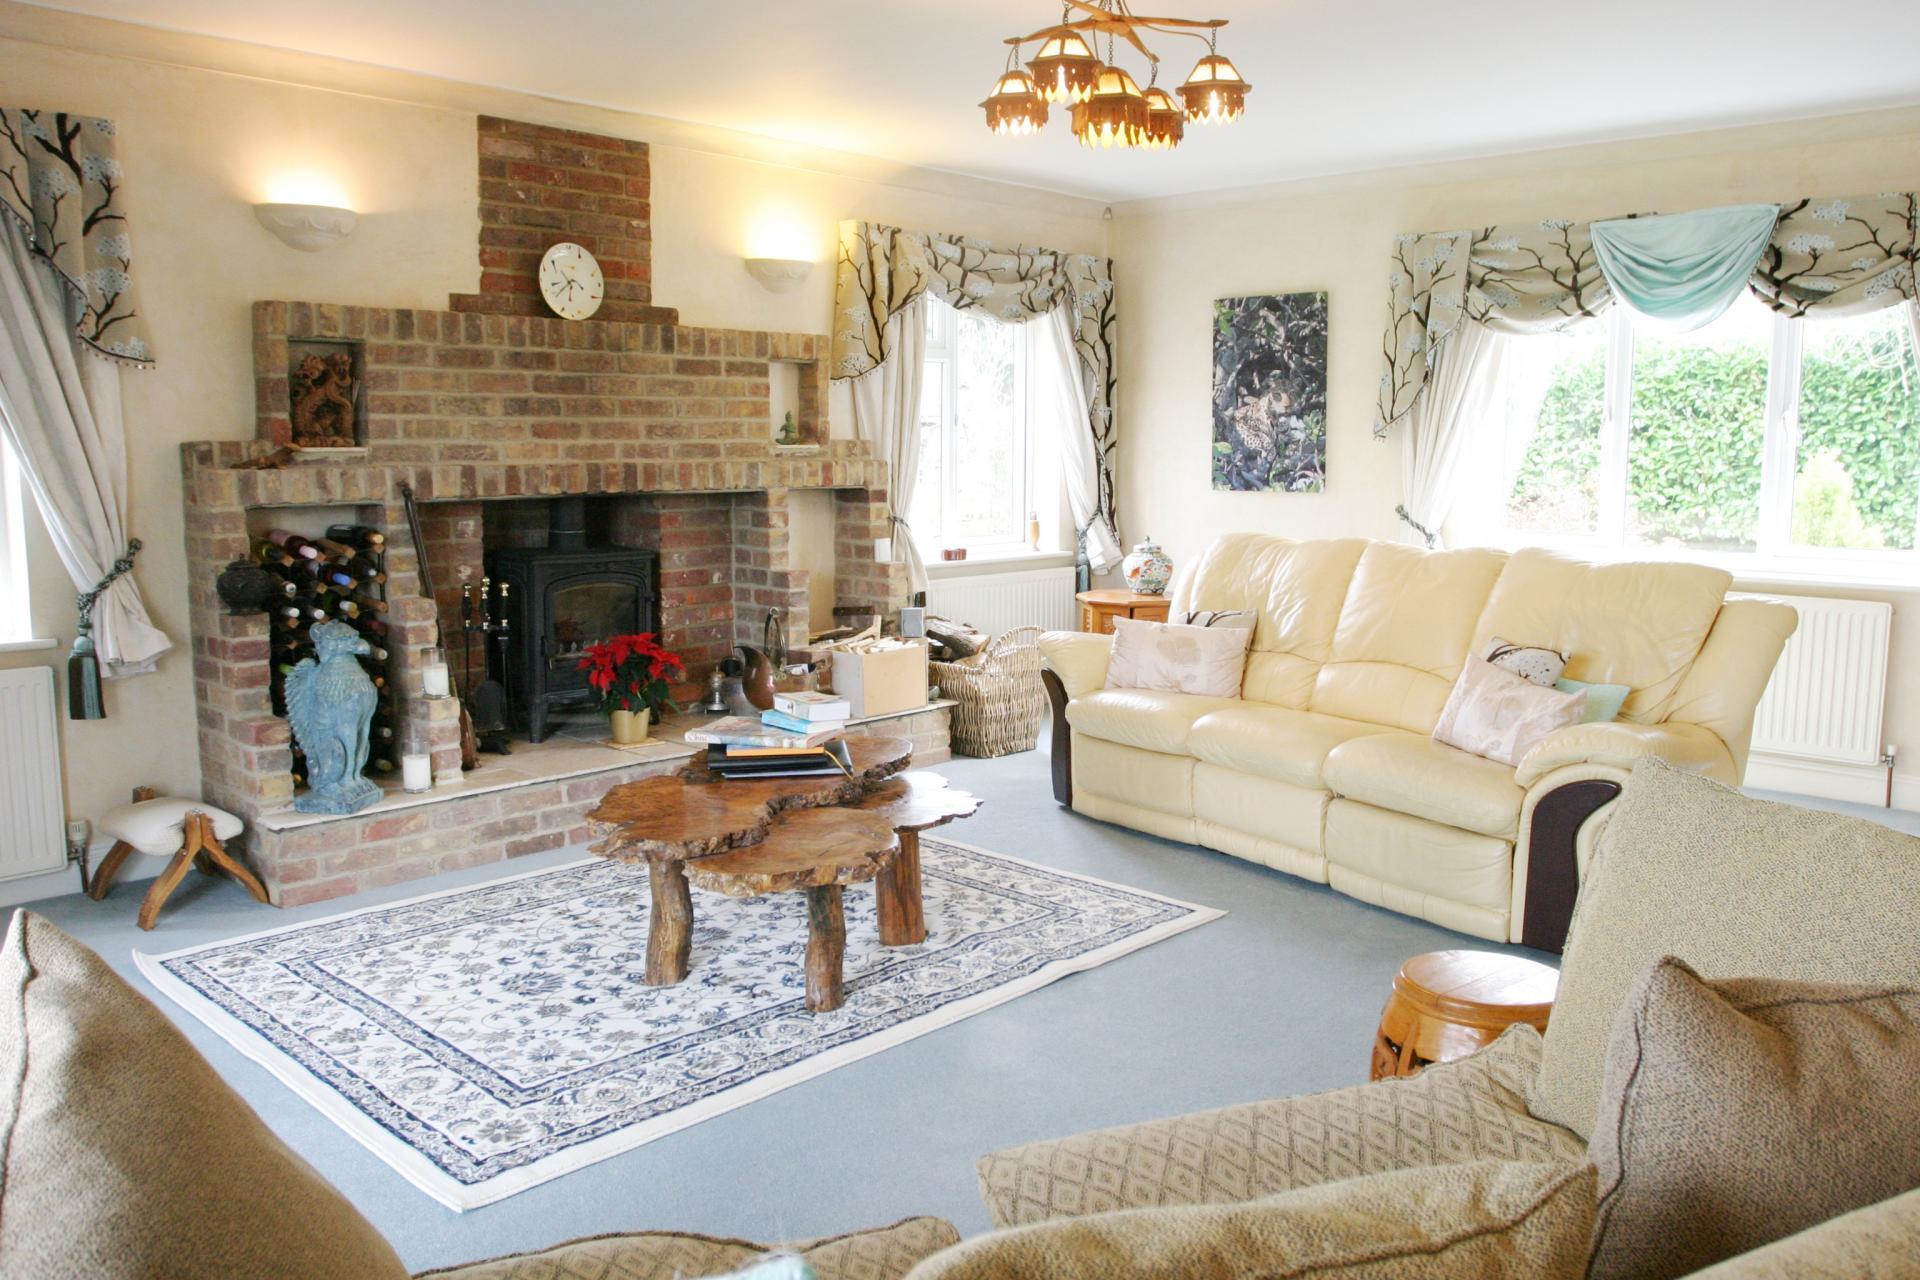 6 Bedroom House For Sale In Aylesbury